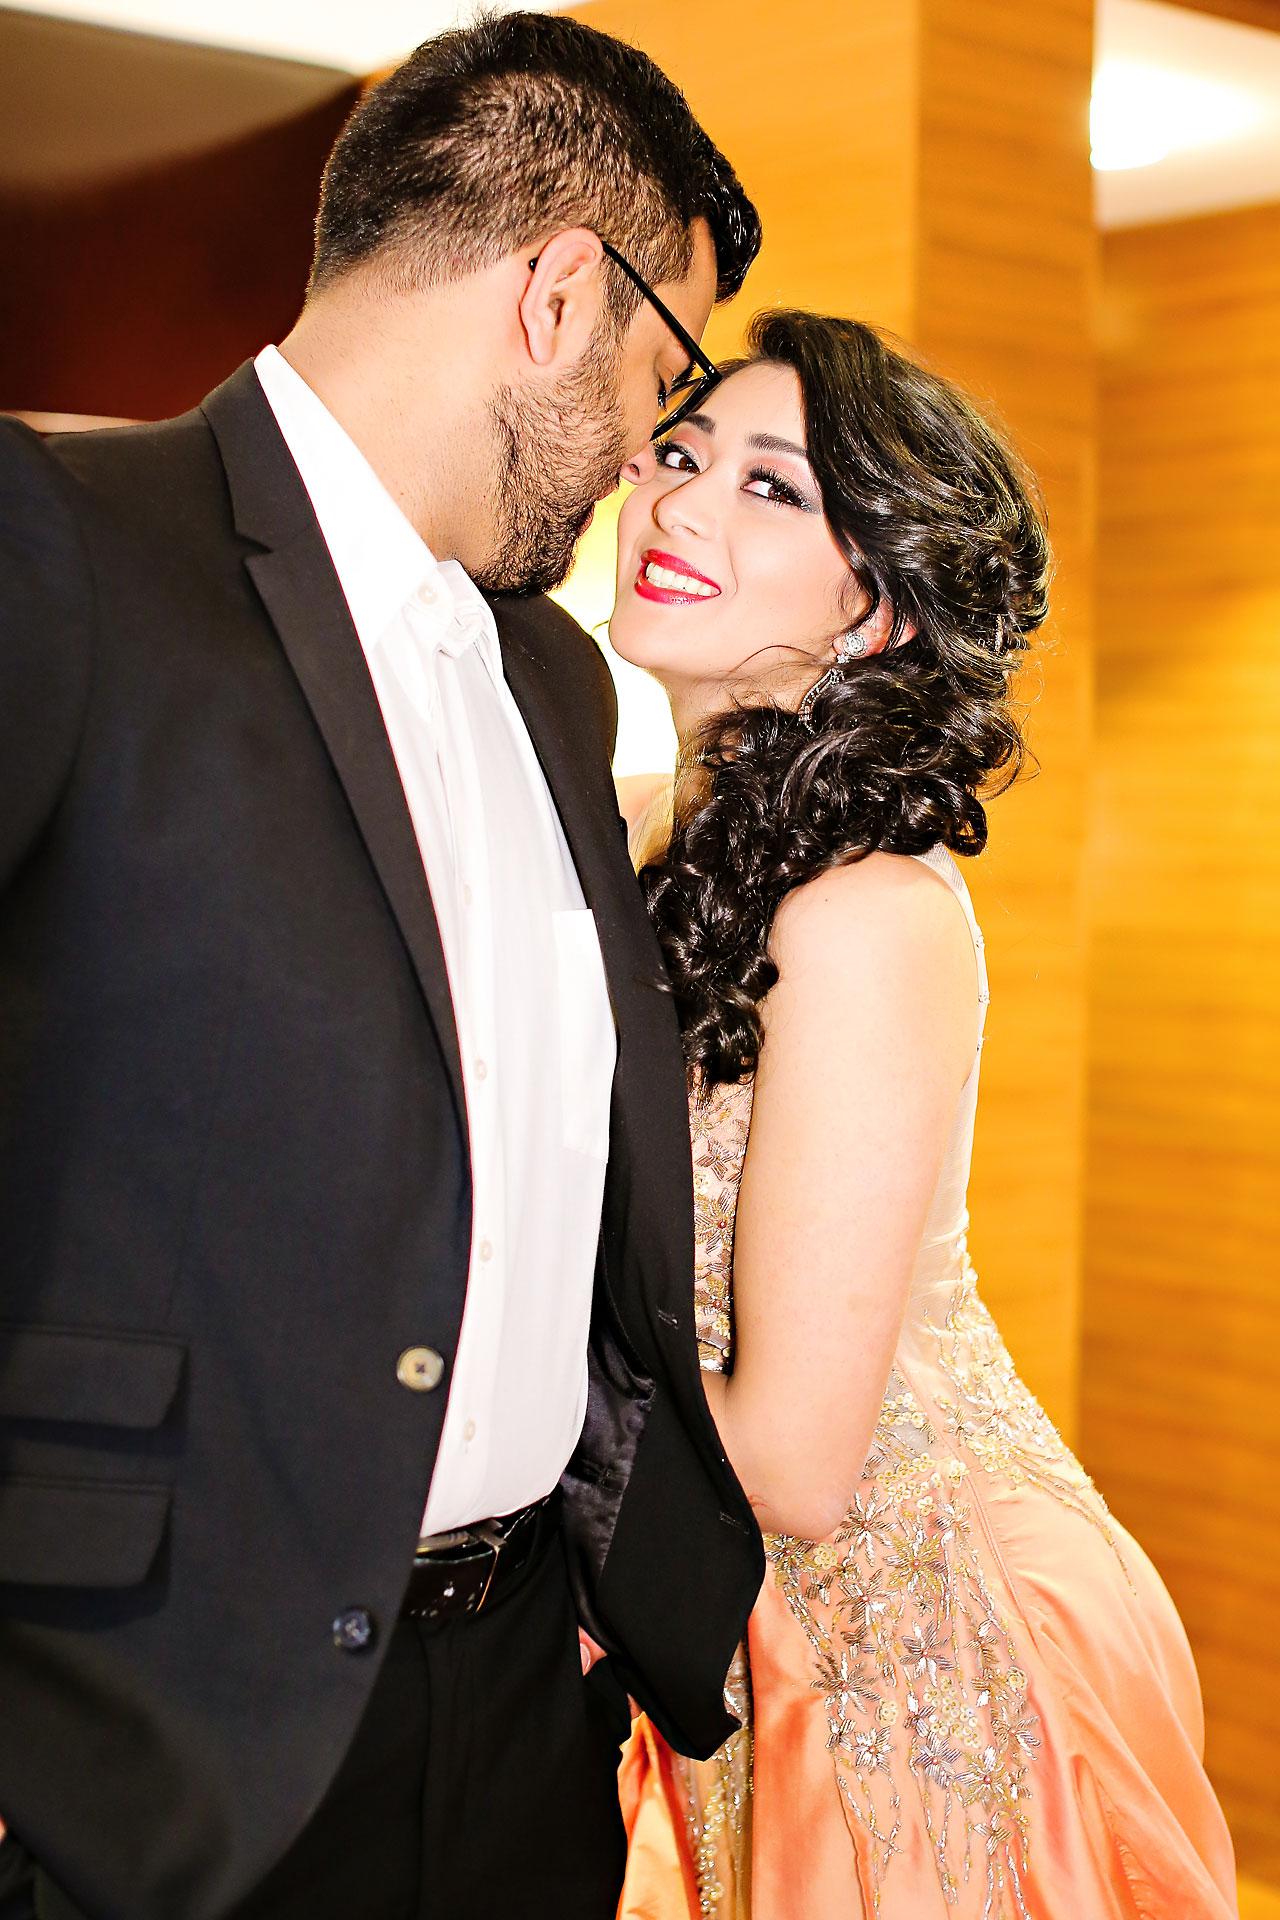 Jasleen Caarn JW Marriott Wedding 013